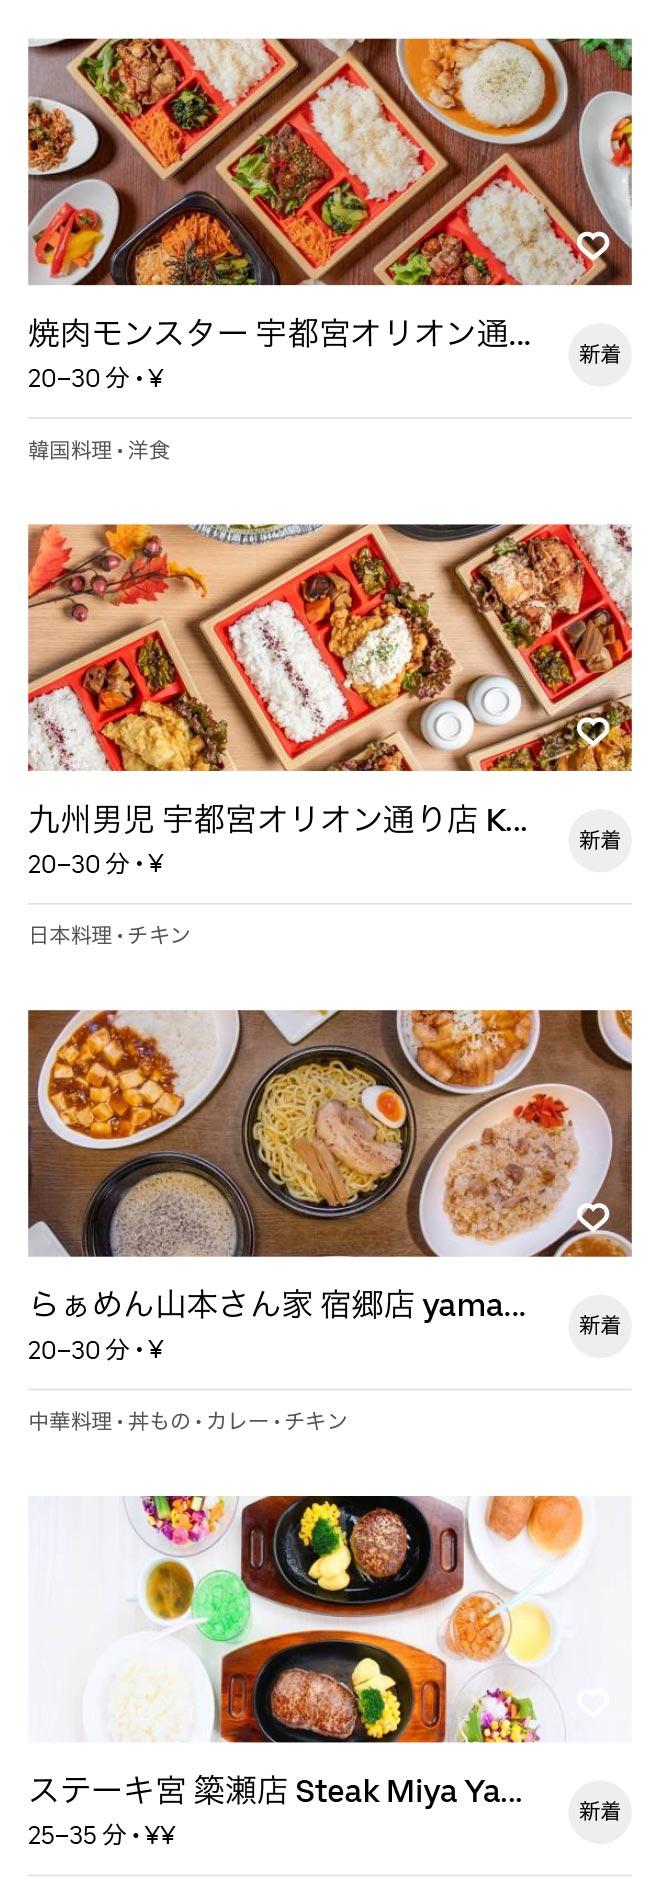 Tobu utsunomiya menu 200611